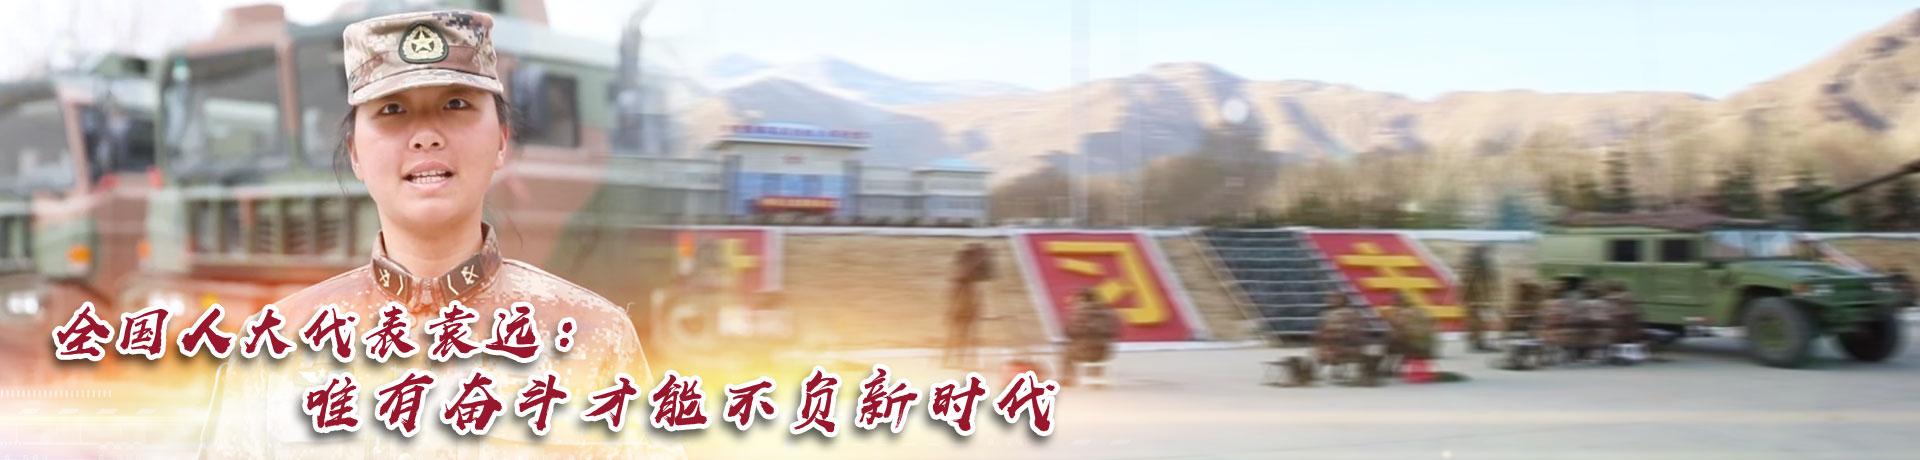 全国人大代表袁远:唯有奋斗才能不负新时代